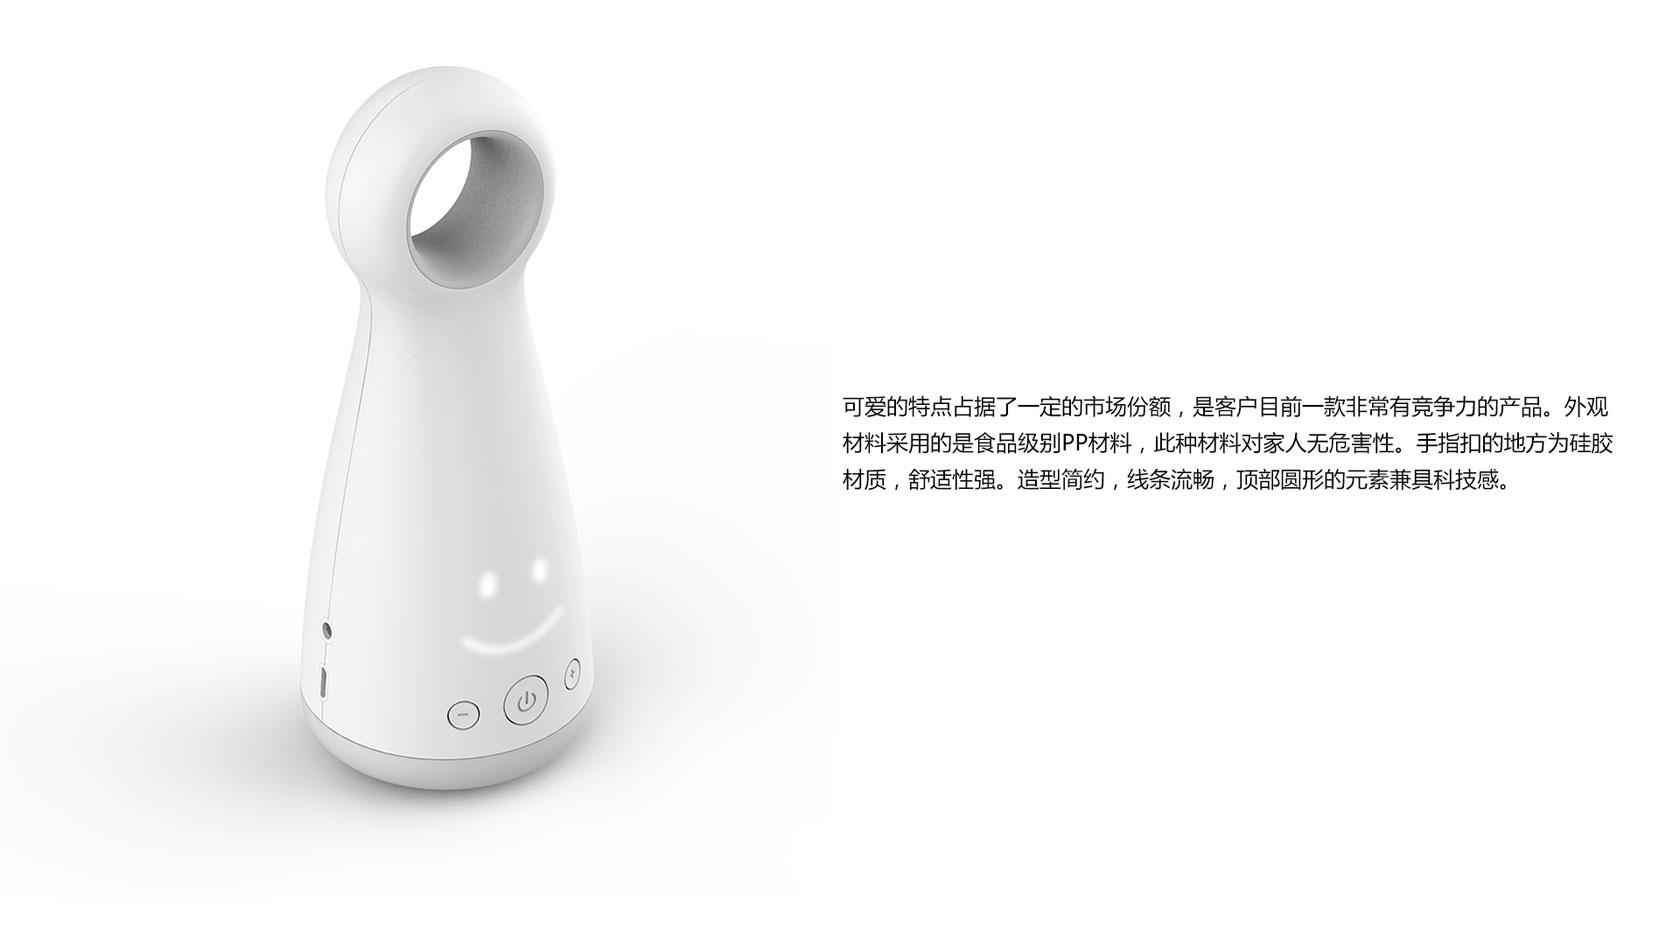 胎声仪设计4.jpg